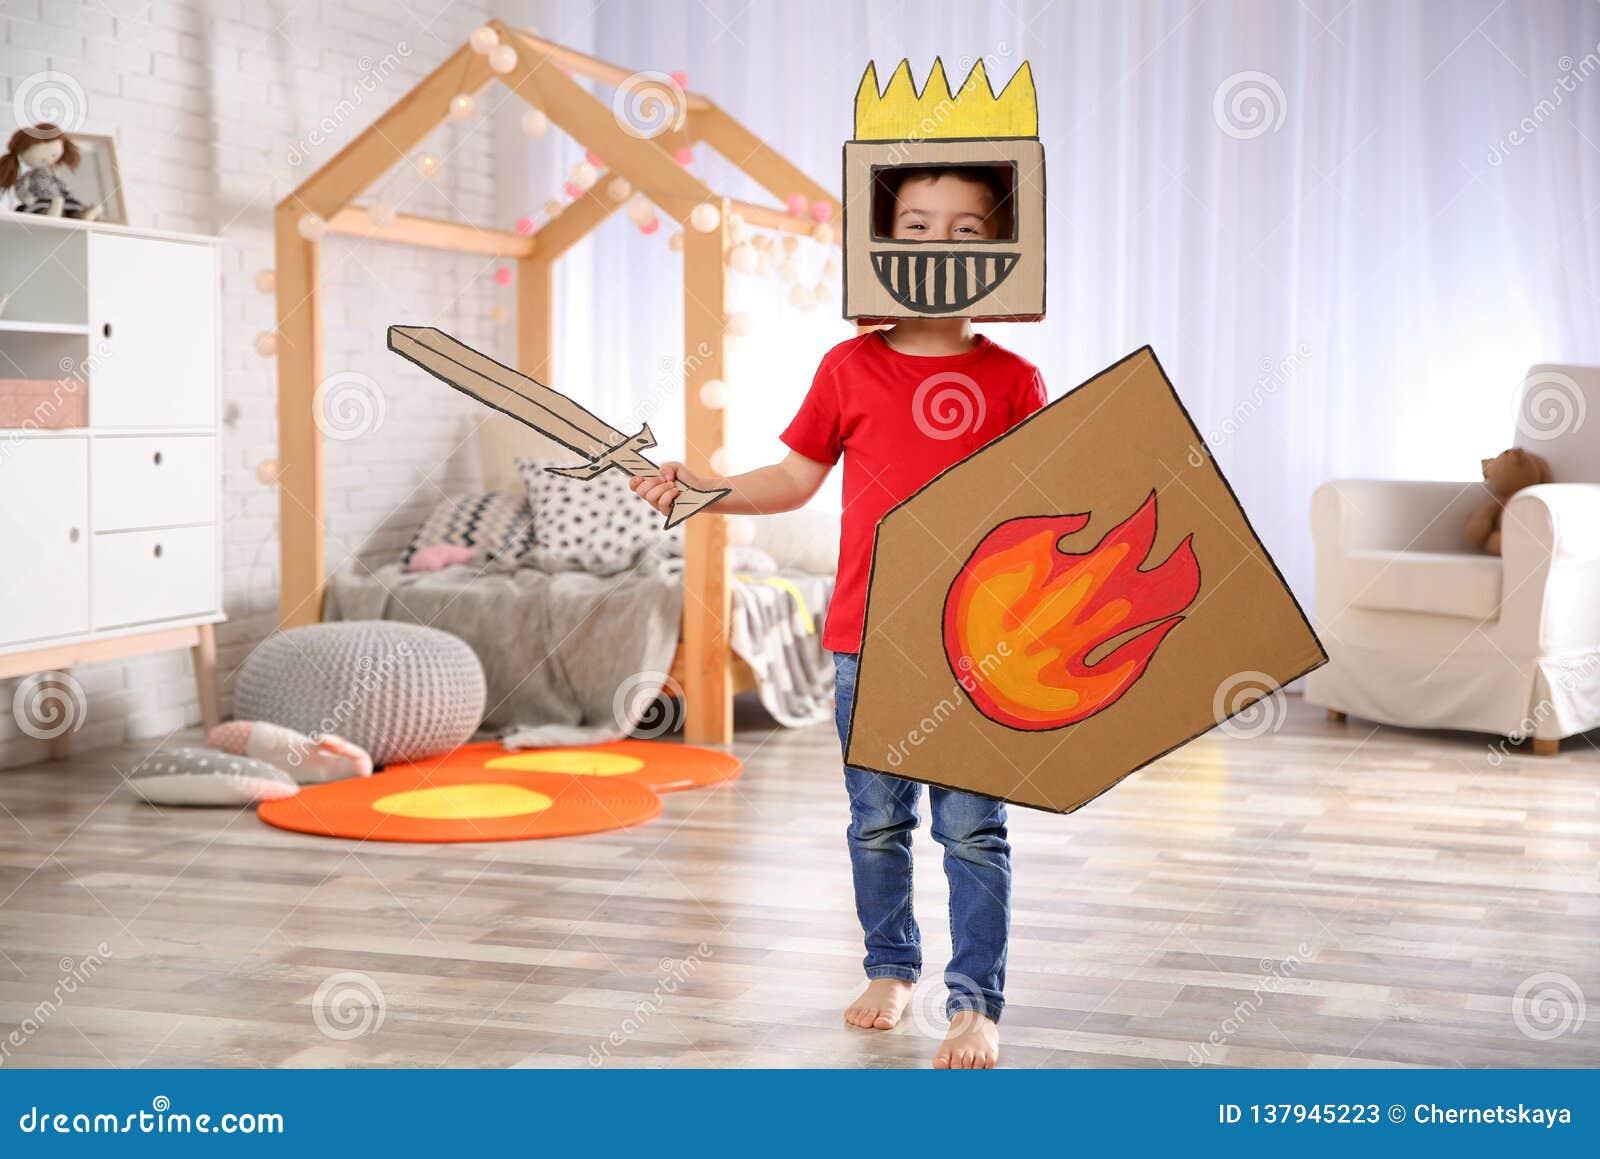 Petit garçon mignon jouant avec l armure de carton